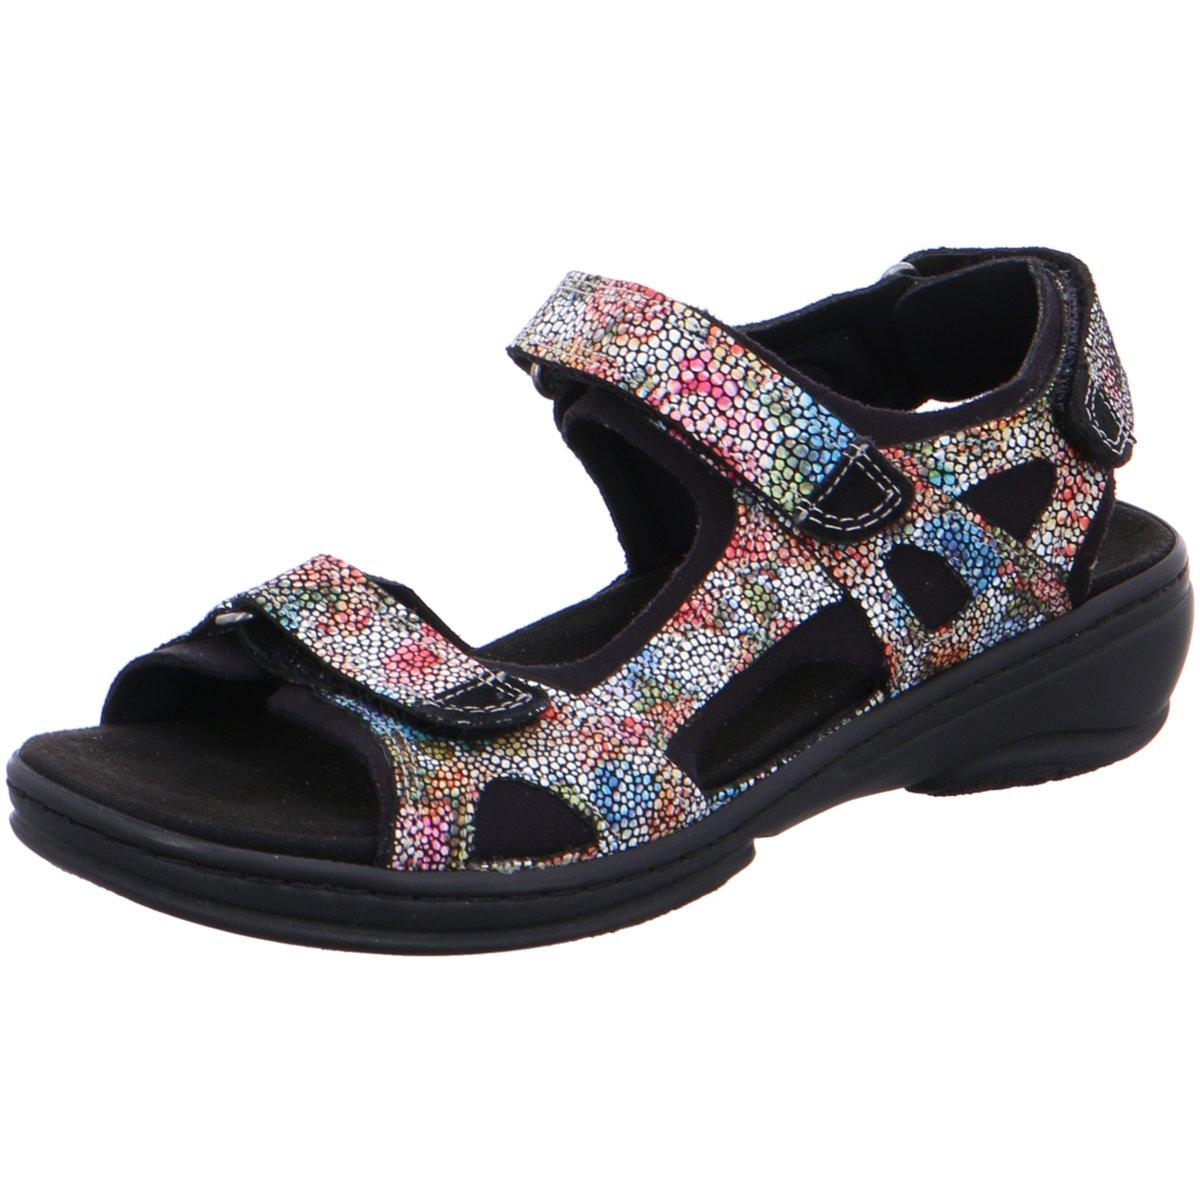 Fidelio Damen Sandaletten 445007-91 bunt 396654  | Schöne Farbe